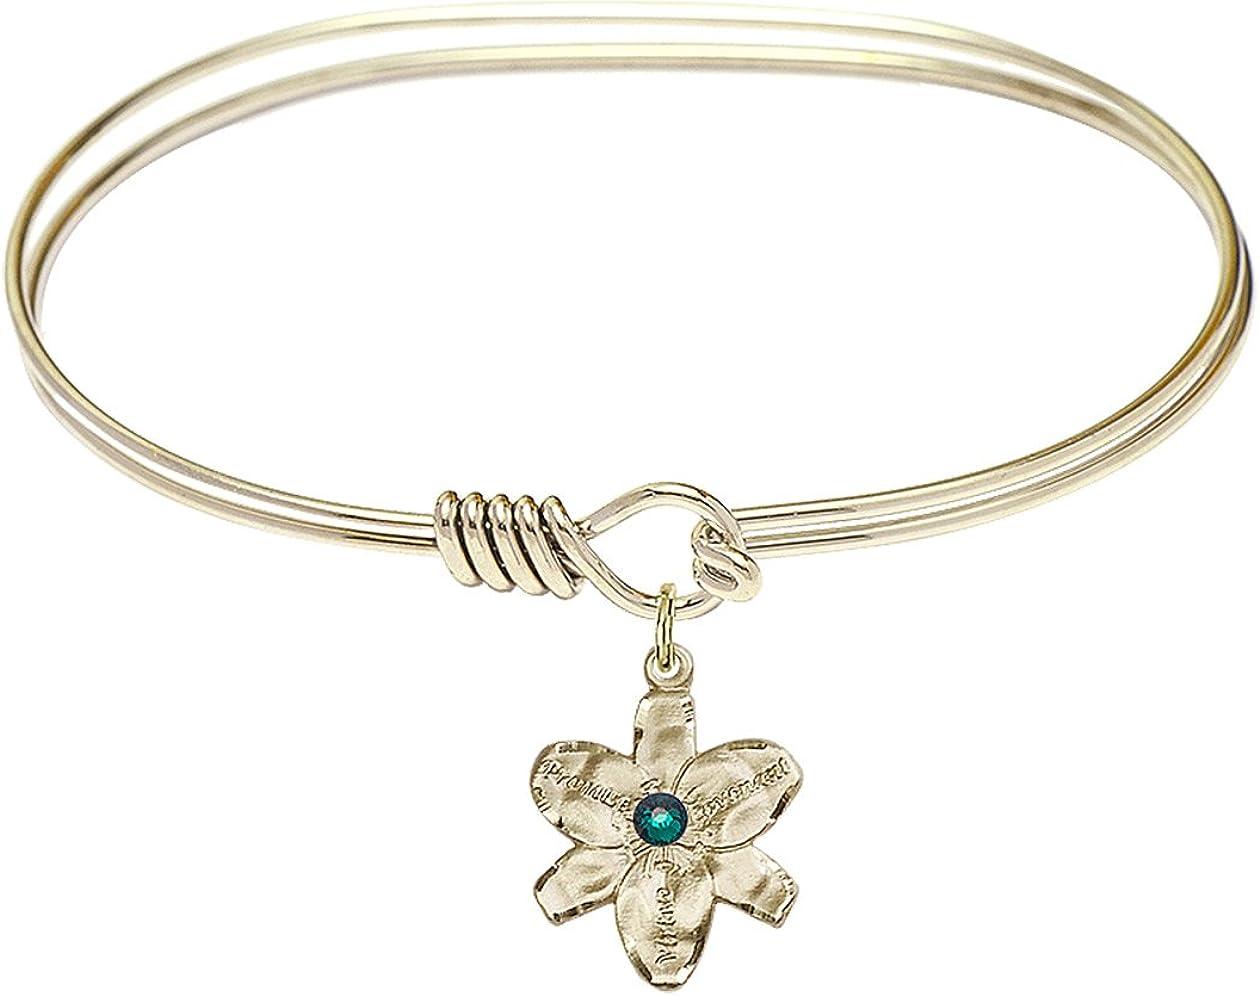 DiamondJewelryNY Eye Hook Bangle Bracelet with a Chastity Charm.